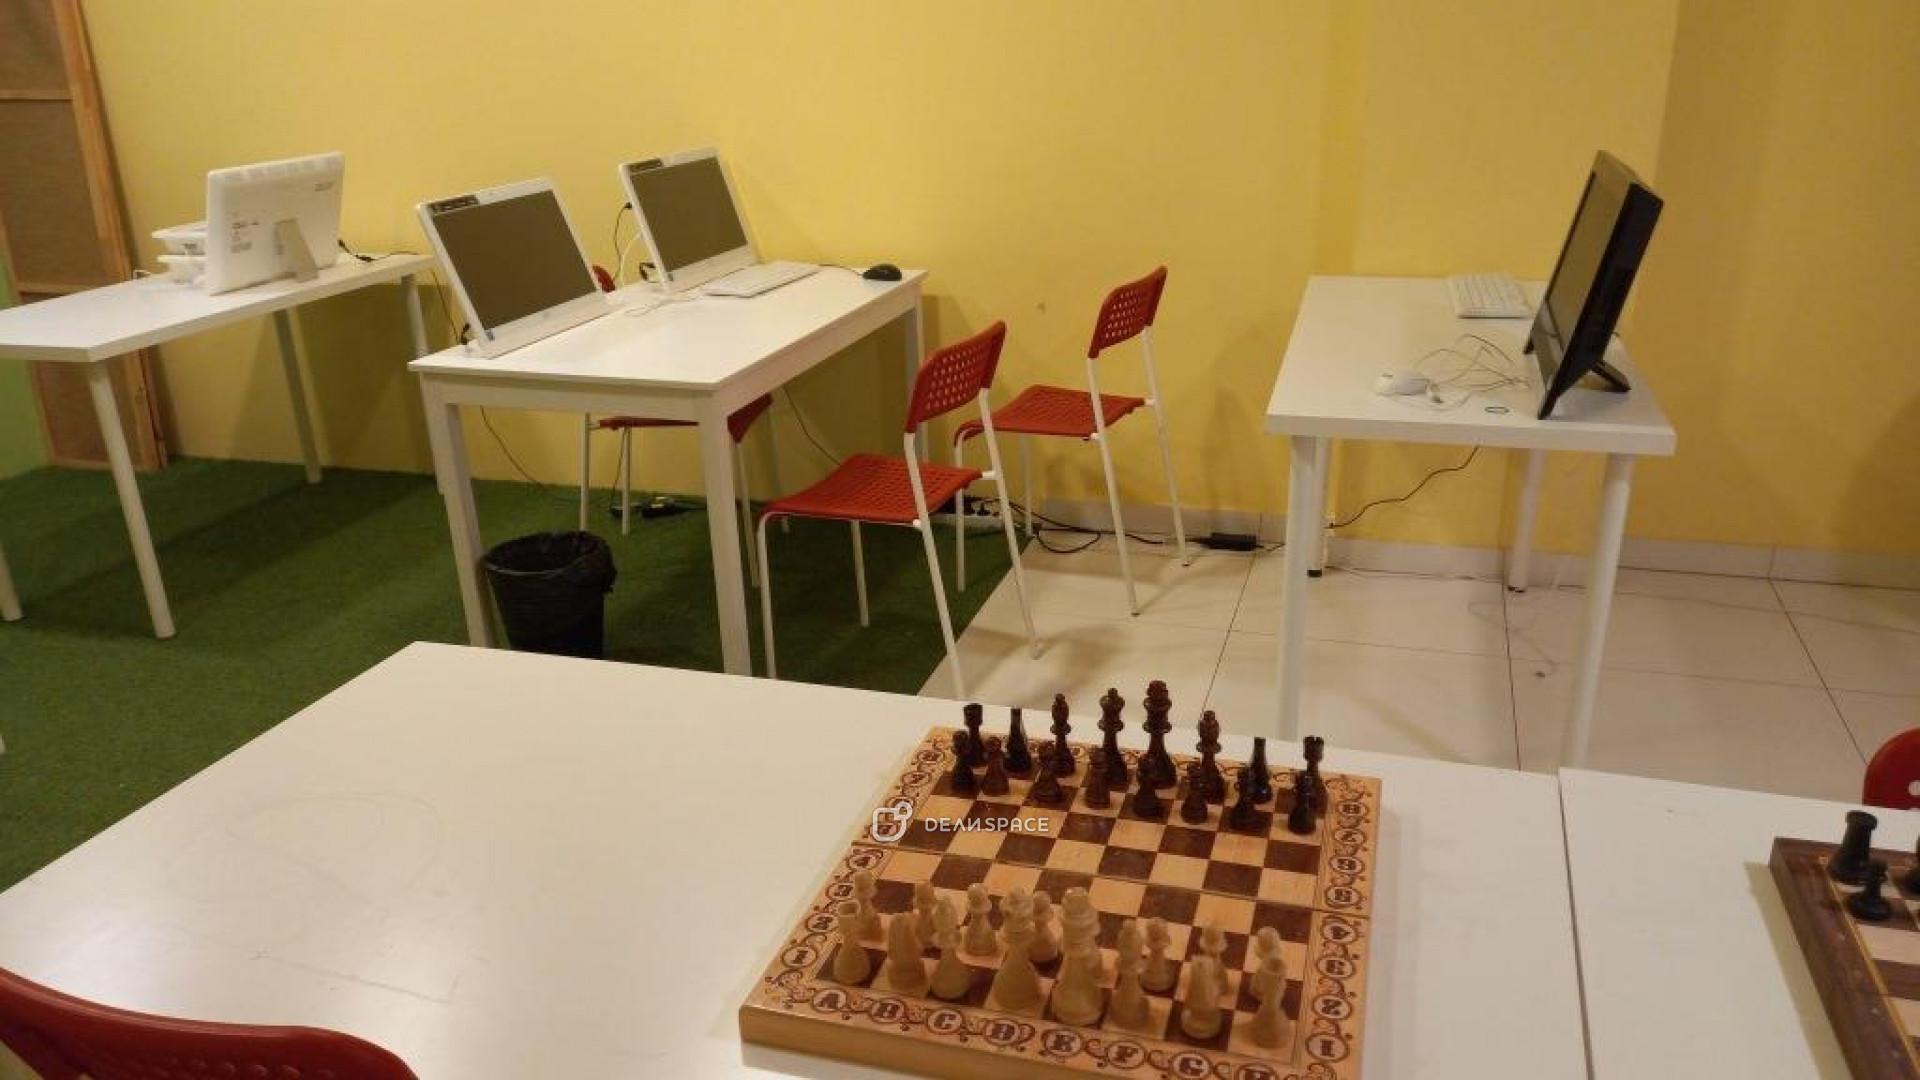 Кабинет шахмат - фото №3